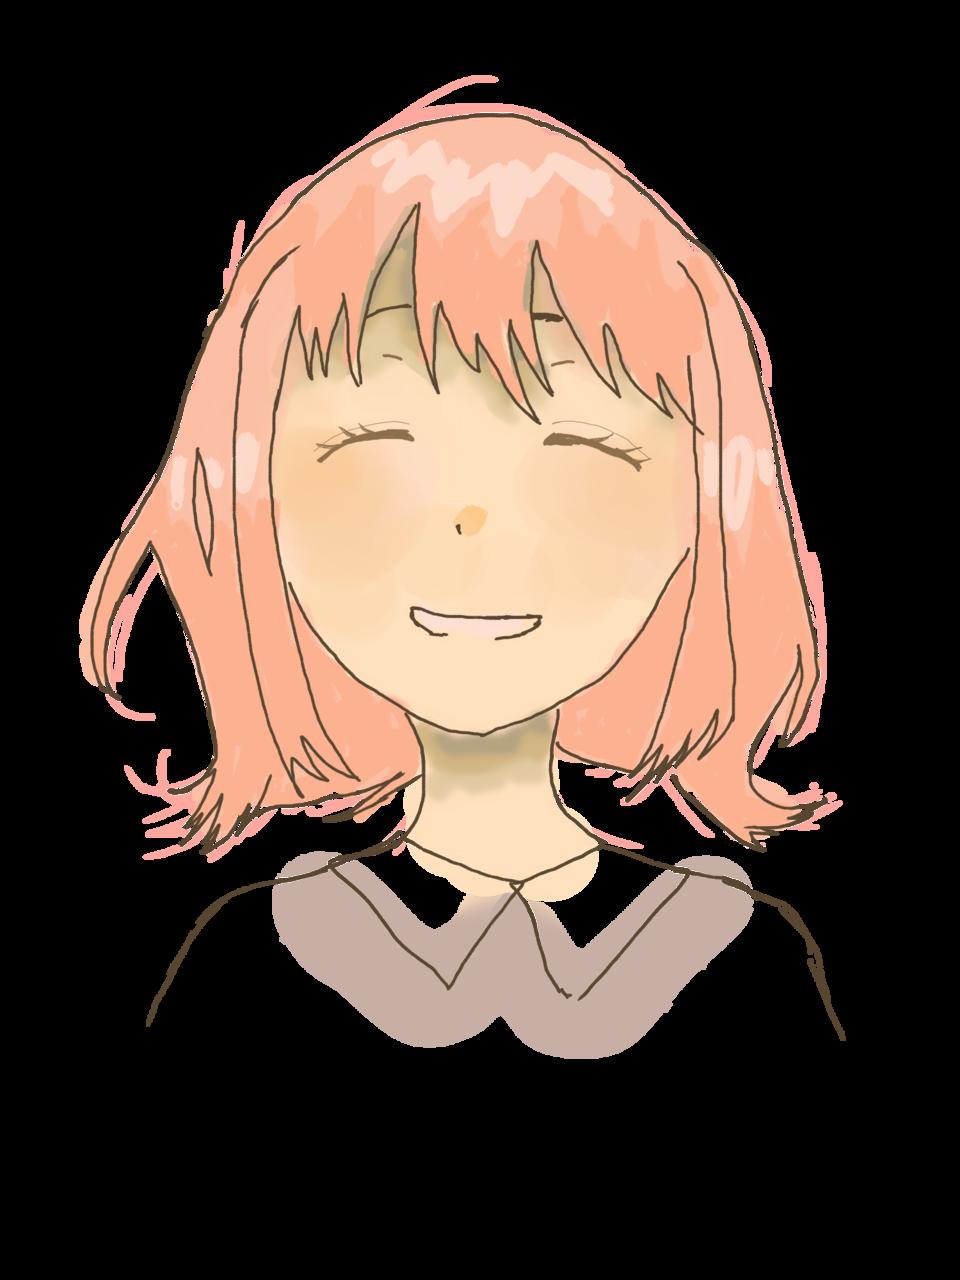 瀬戸口雛 Illust of ❦E❦ 下手 瀬戸口 painting 雛 digital illustration girl 瀬戸口雛 HoneyWorks ハニワ